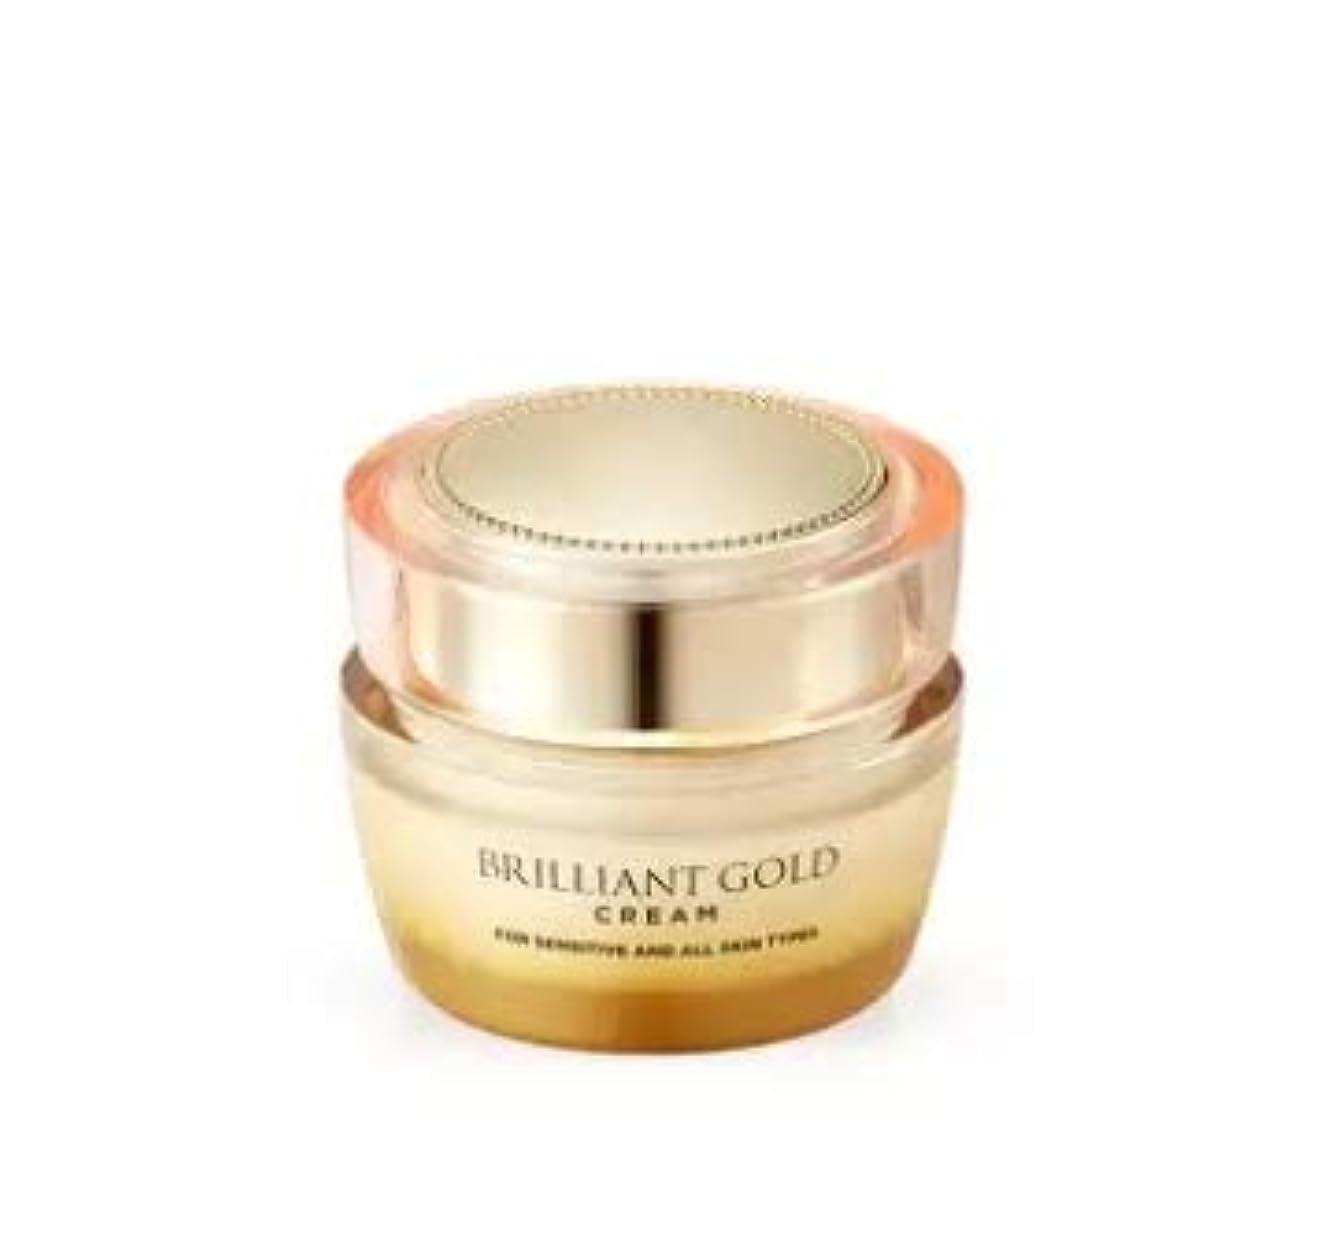 同情虫を数える支援するAHCブリリアントゴールドクリーム50mlブライトニング+リンクルケア韓国の人気ブランド人気水分クリーム皮膚の保湿水分補給洗顔後